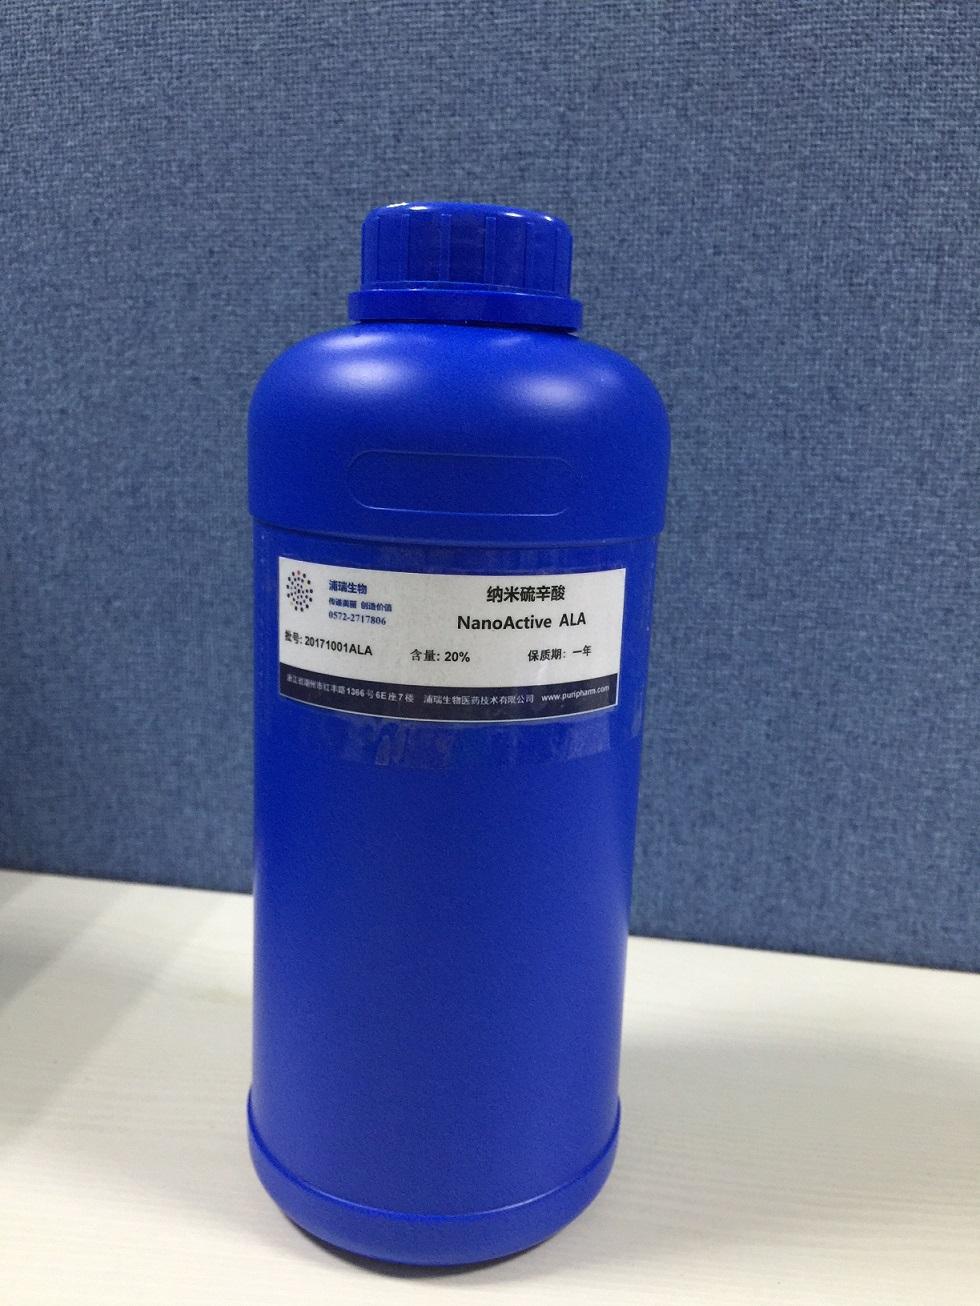 纳米藜芦酸,纳米包裹藜芦酸,水溶性藜芦酸,纳米旱金莲花提取物